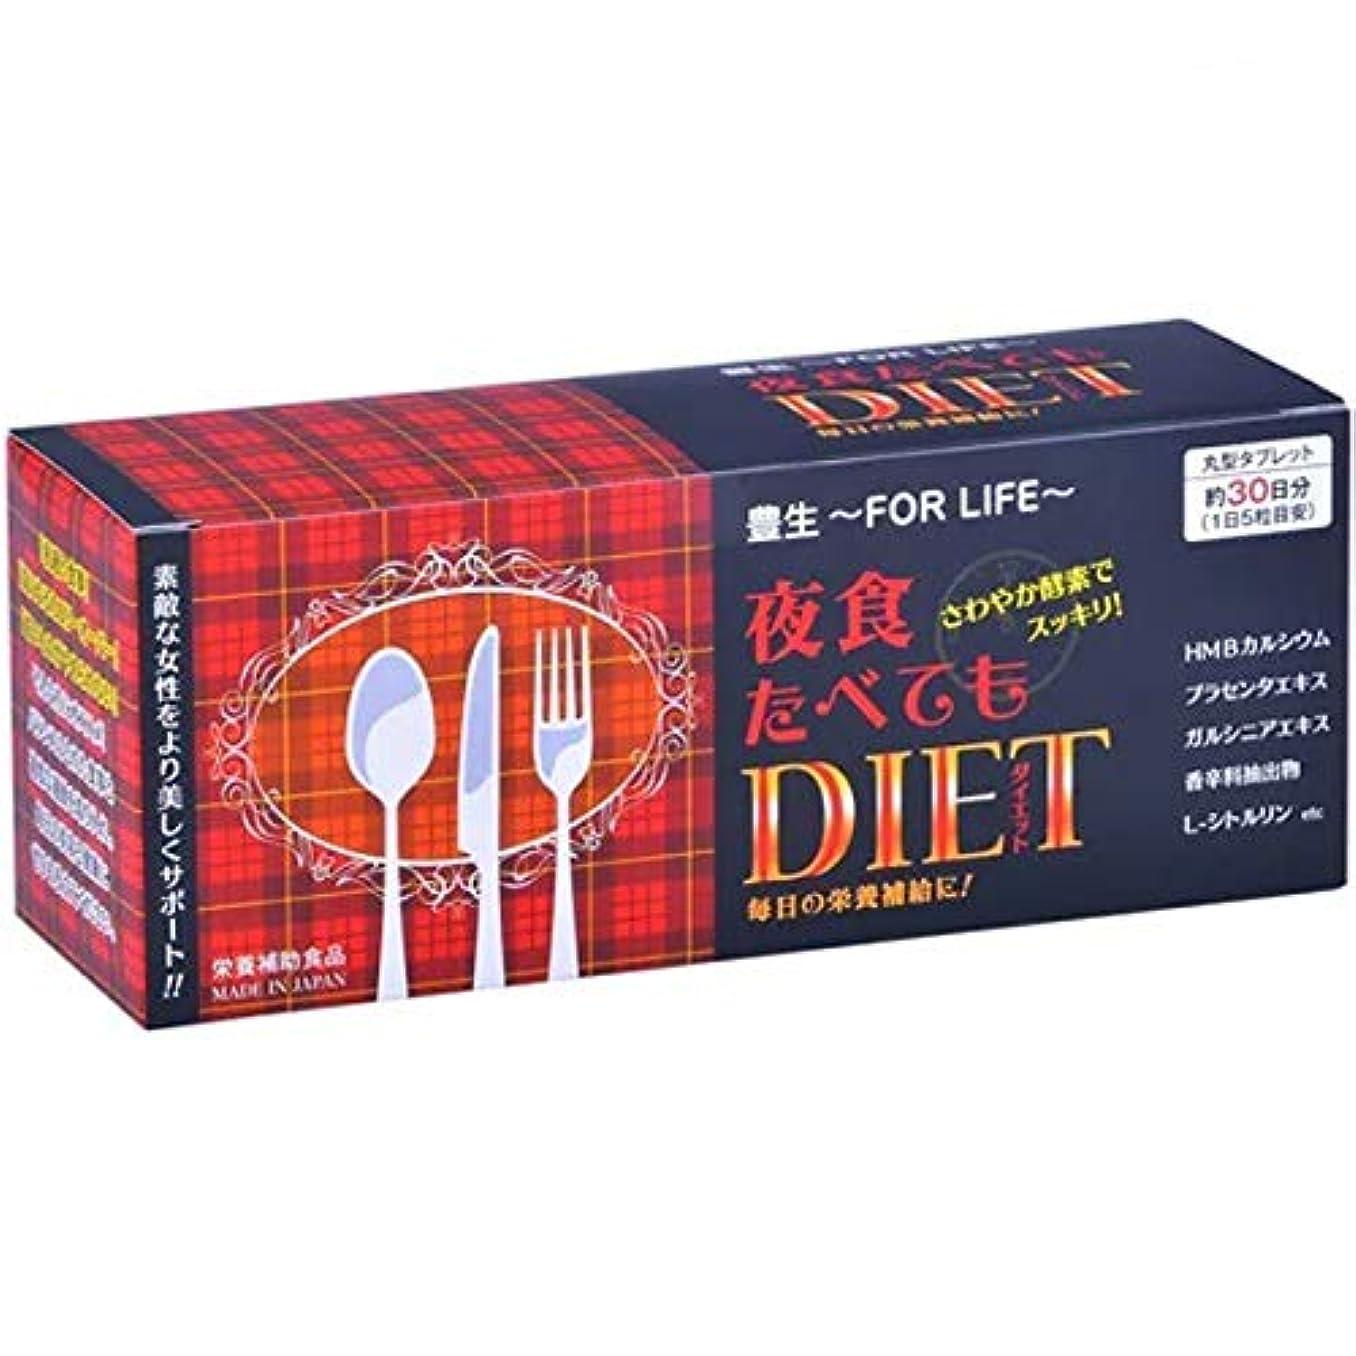 学ぶまともなよく話される【丸藤】豊生 夜食たべてもダイエット 約30日分(5粒×30包) ×2個セット